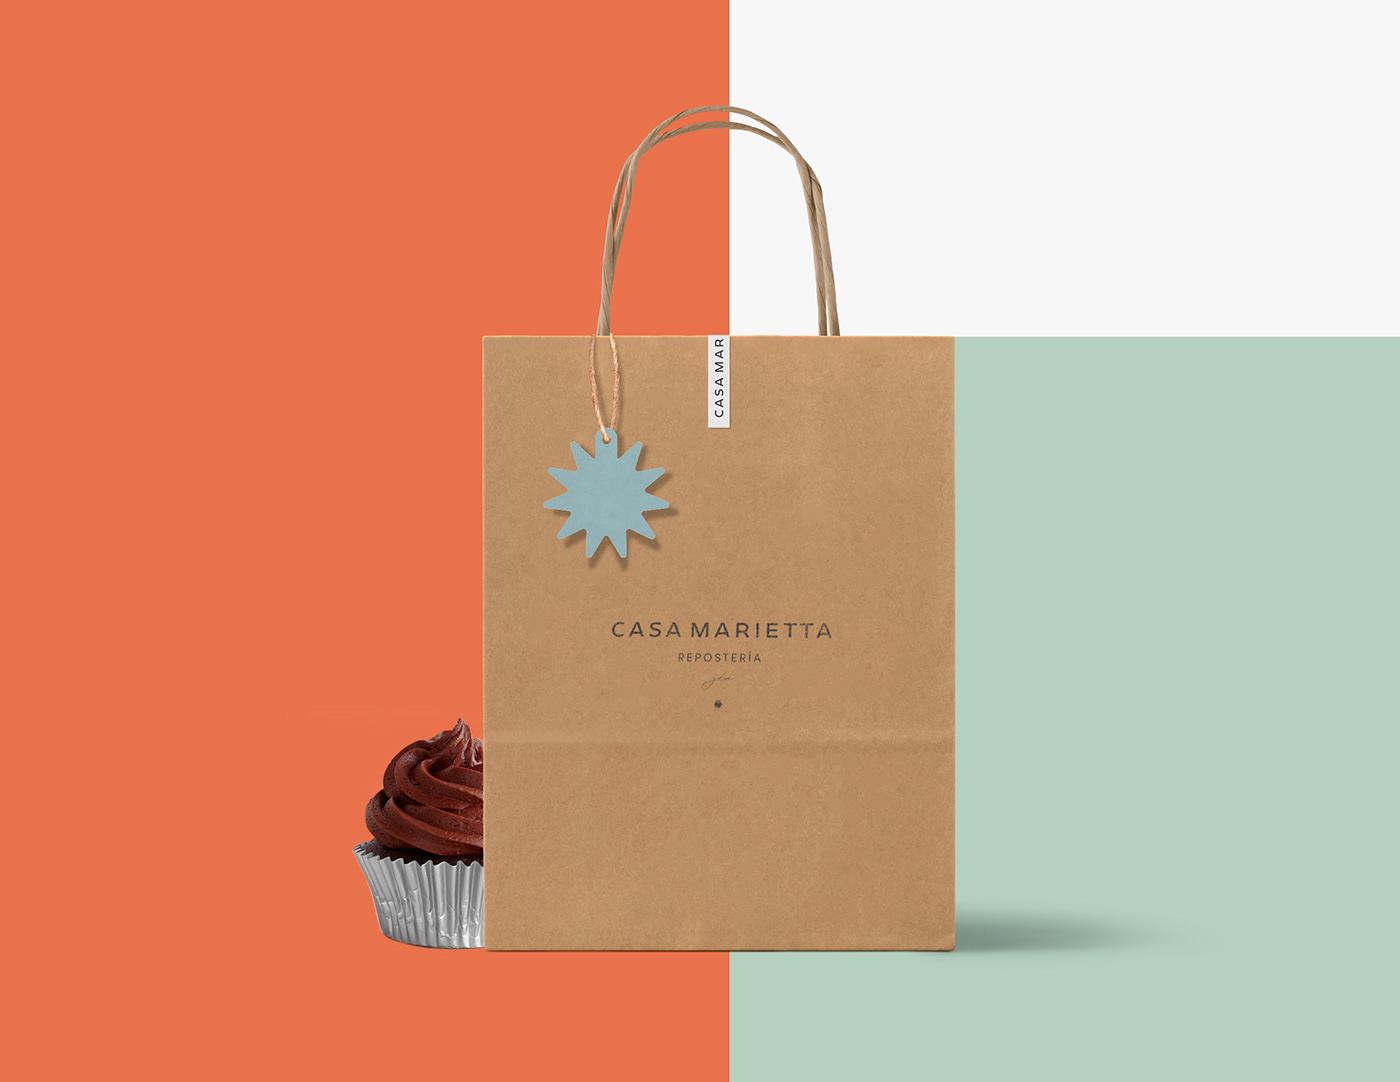 identidad reposteria pasteles cafeteria branding  cakeshop desserts cake